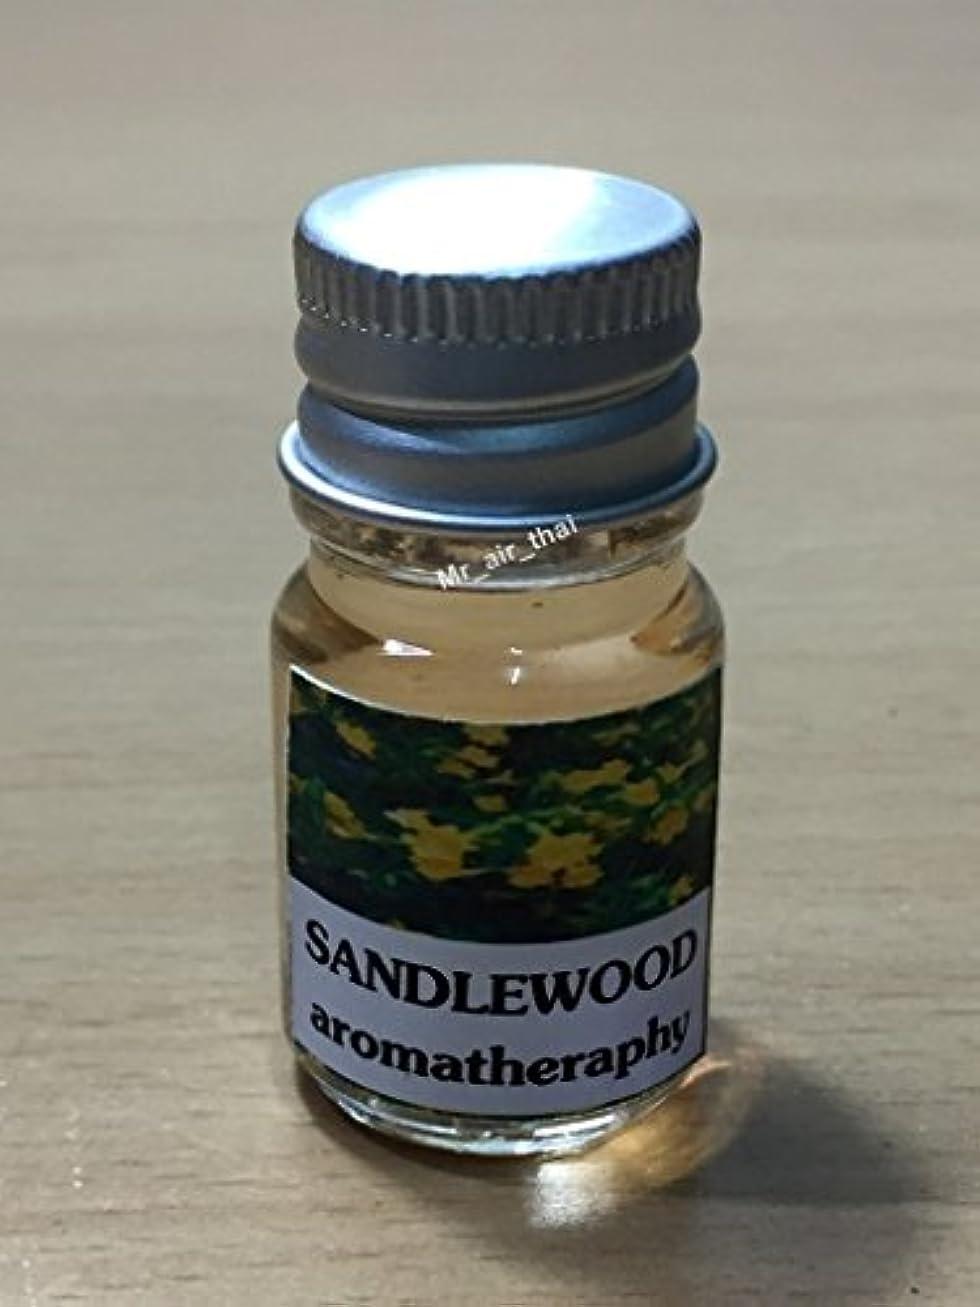 物思いにふける有用ただやる5ミリリットルアロマサンダルウッドフランクインセンスエッセンシャルオイルボトルアロマテラピーオイル自然自然5ml Aroma Sandlewood Frankincense Essential Oil Bottles Aromatherapy...